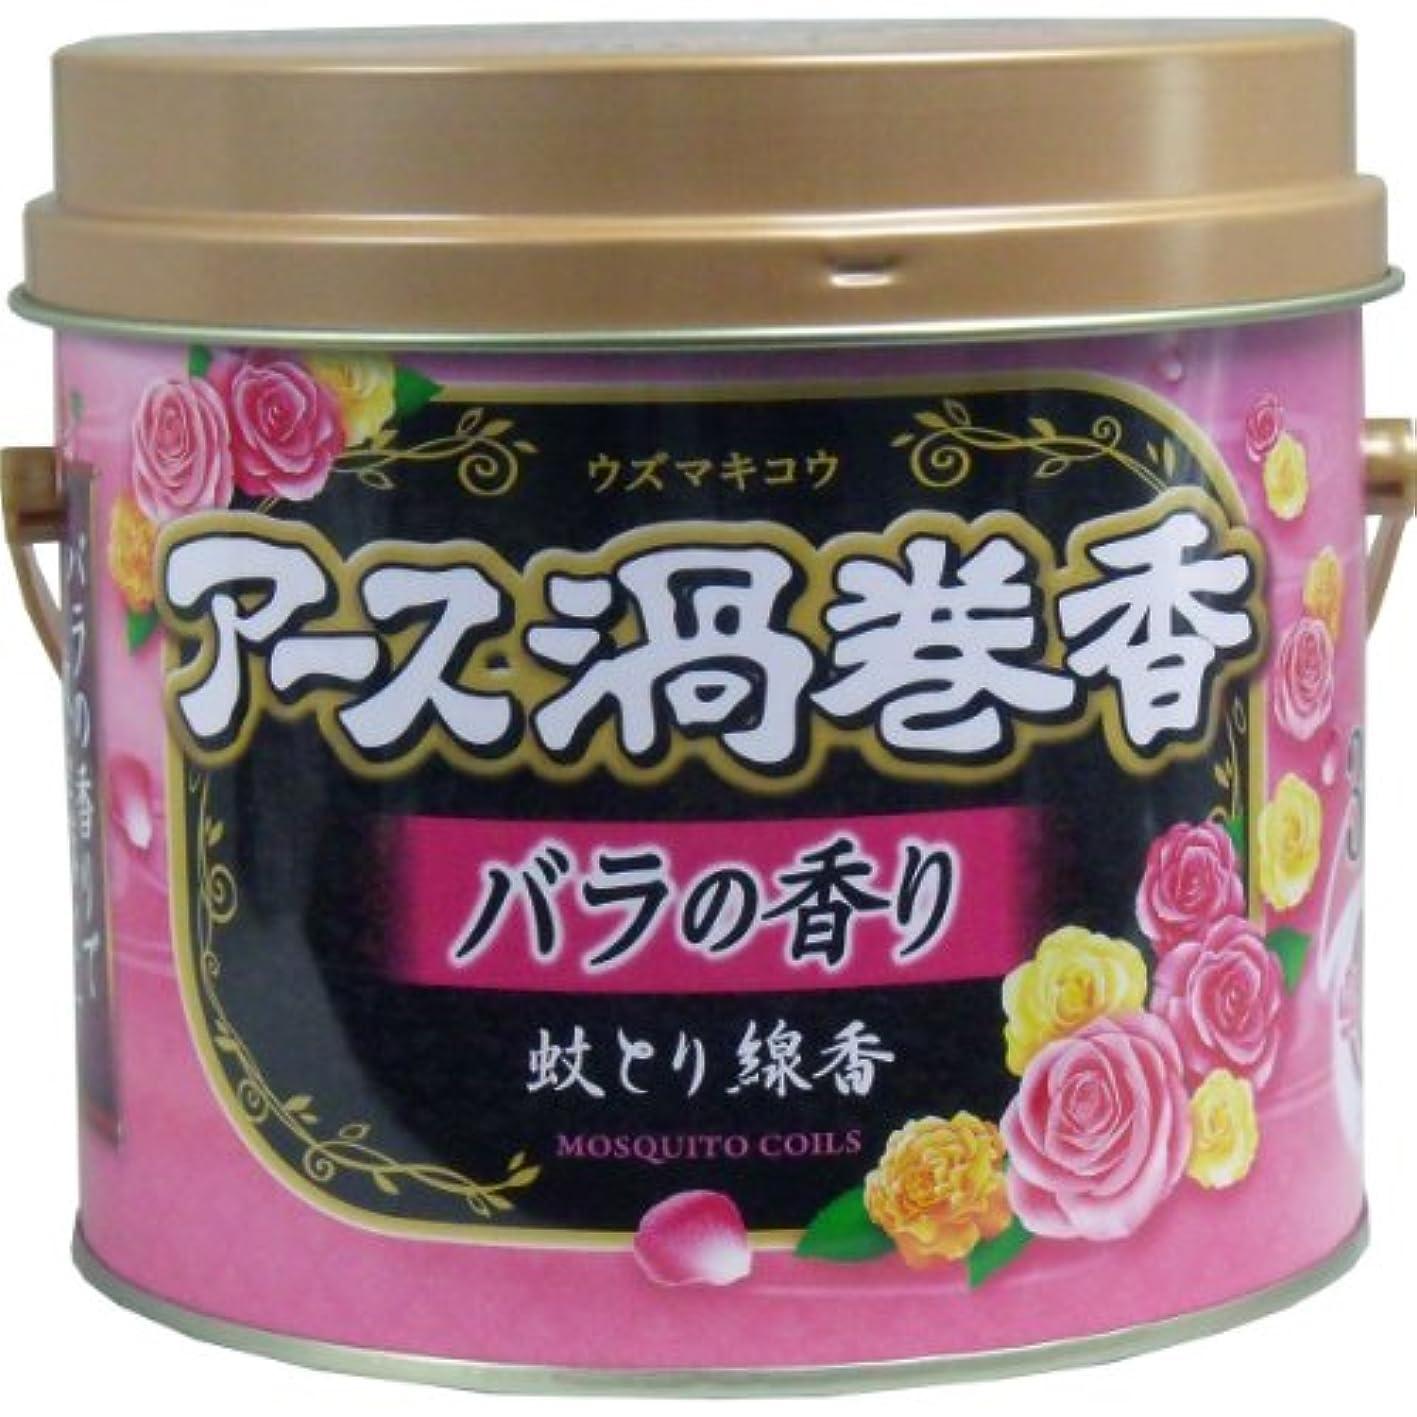 満足できるカップメッシュアース渦巻香 蚊とり線香 バラの香り 30巻4個セット